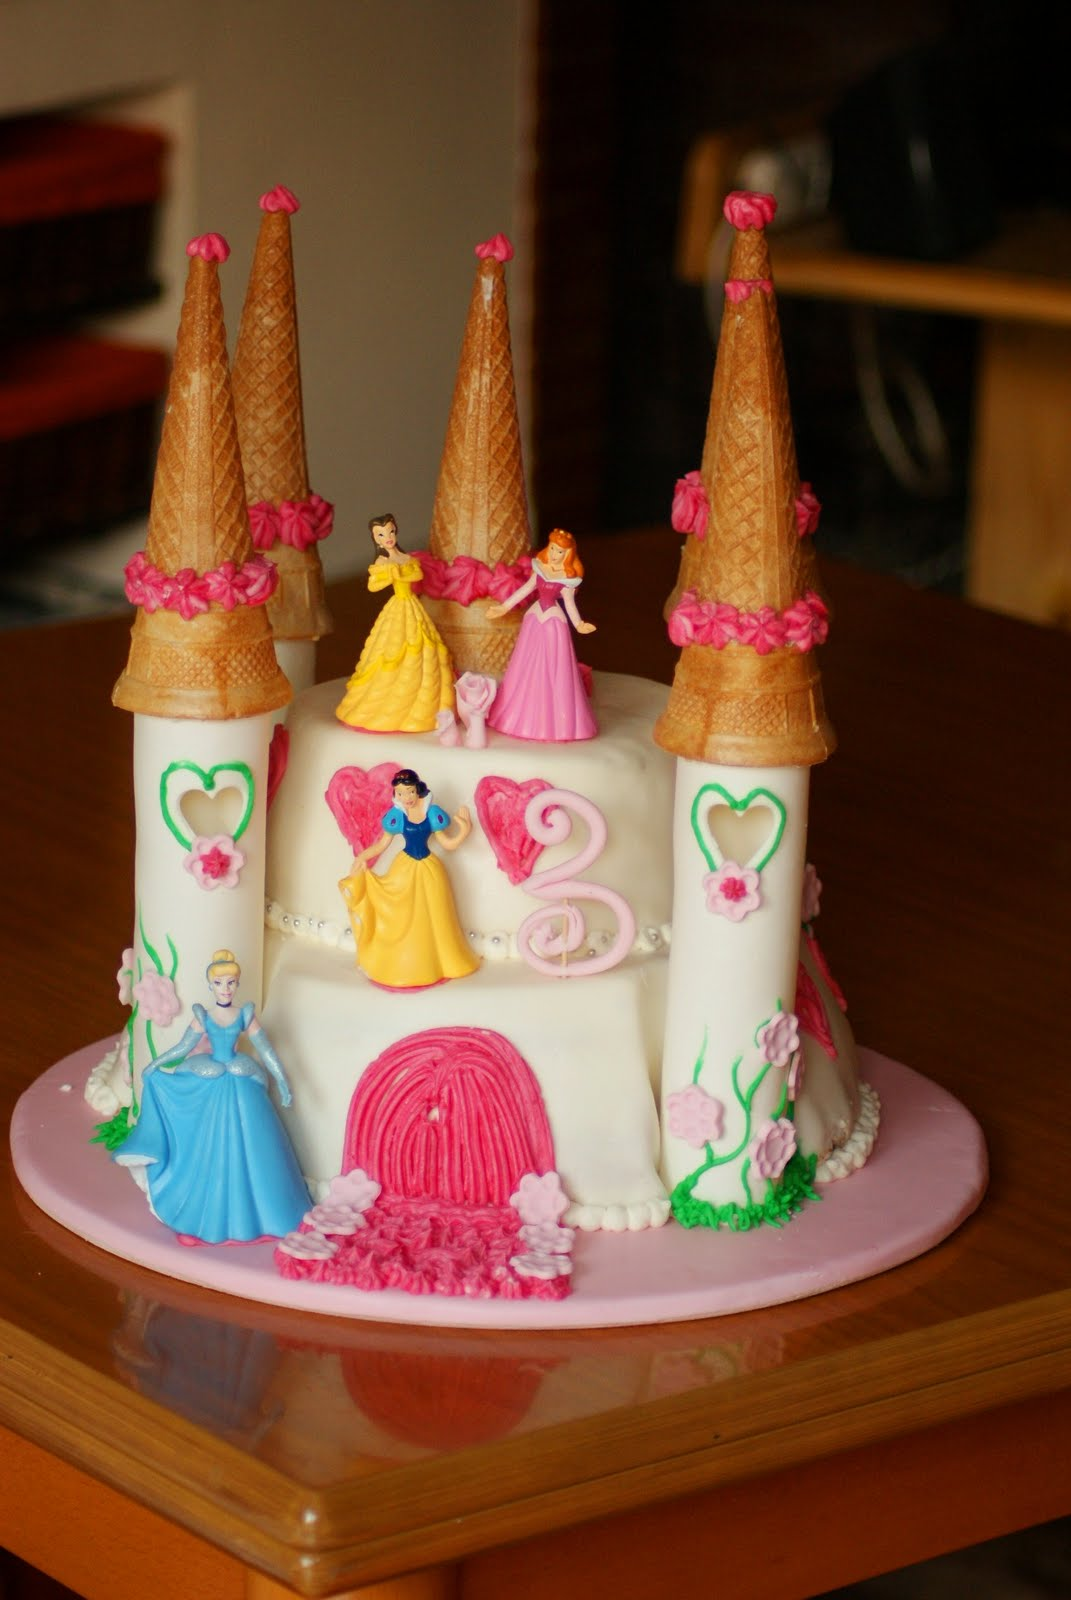 torte di principesse torta principesse : Tutti i colori di CriA: Torta: il castello delle principesse Disney